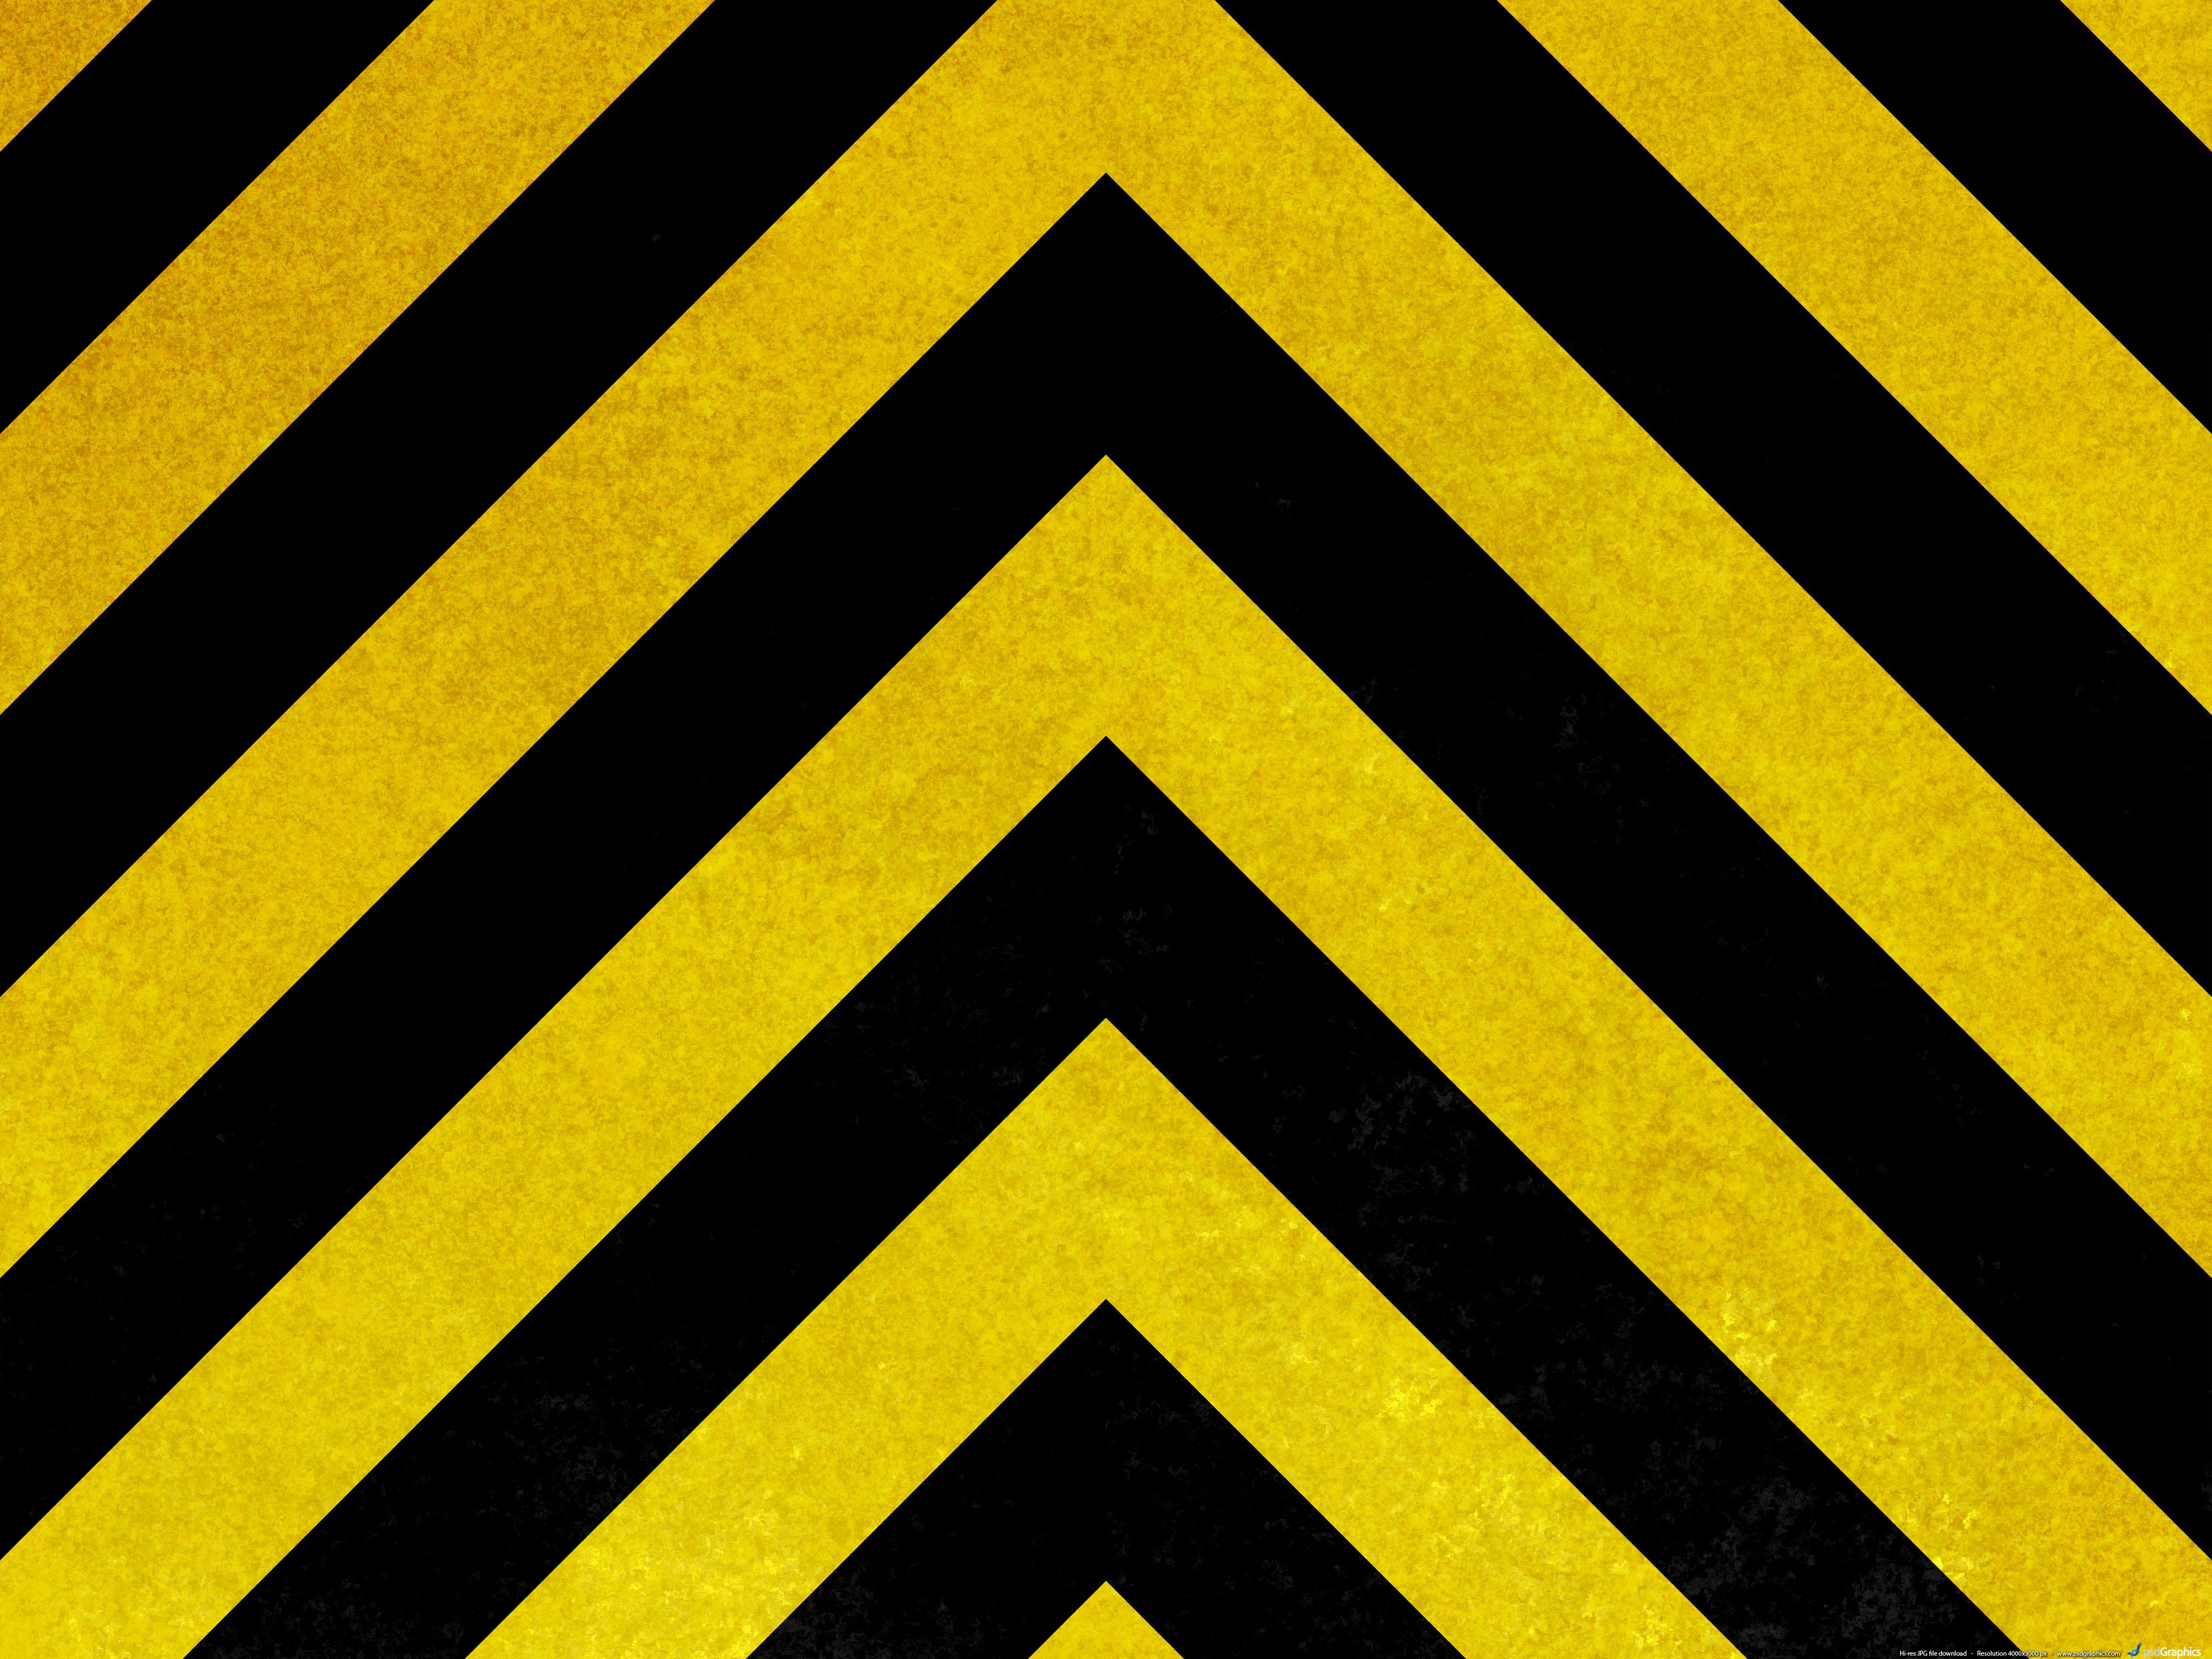 Hazard Stripe Background Clipart.